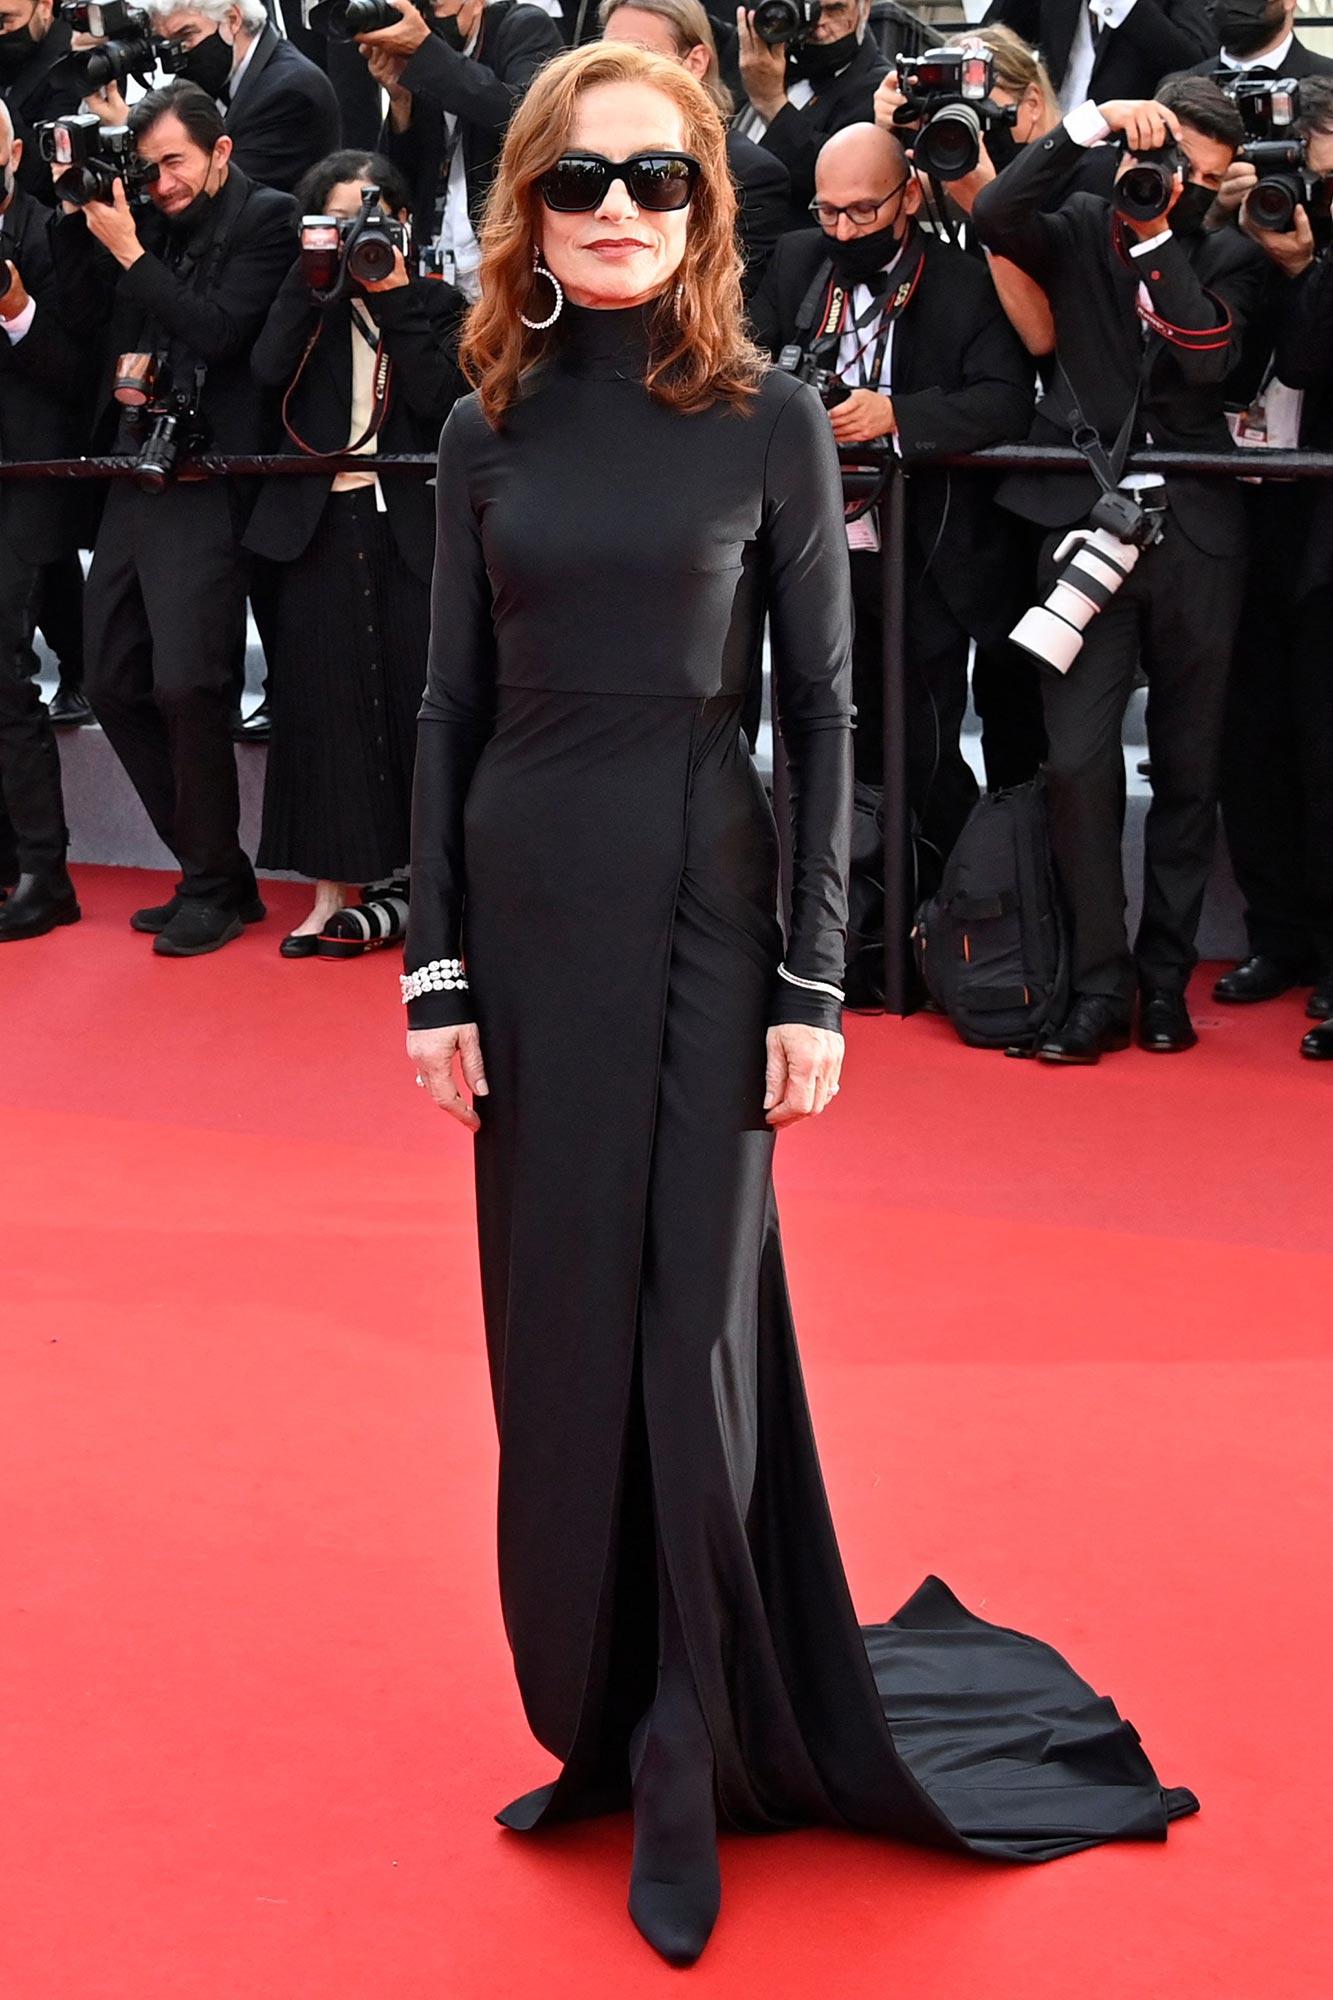 2021 Cannes Film Festival - Isabelle Huppert